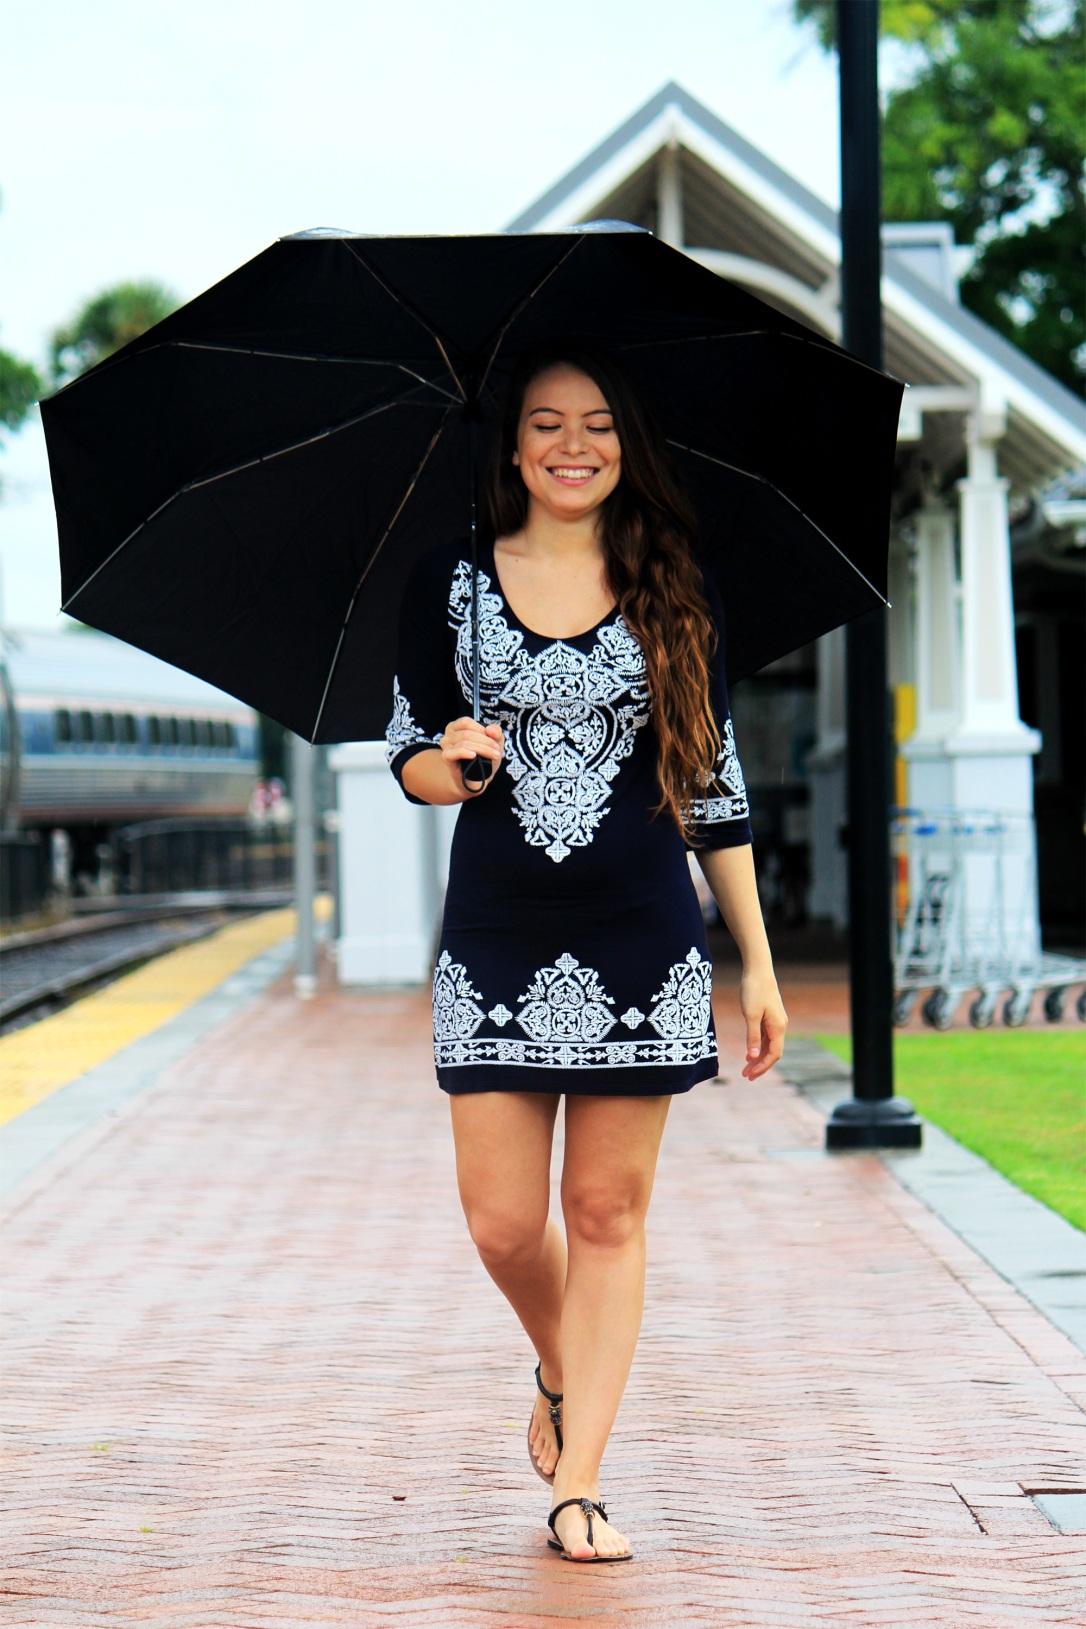 umbrella-871633